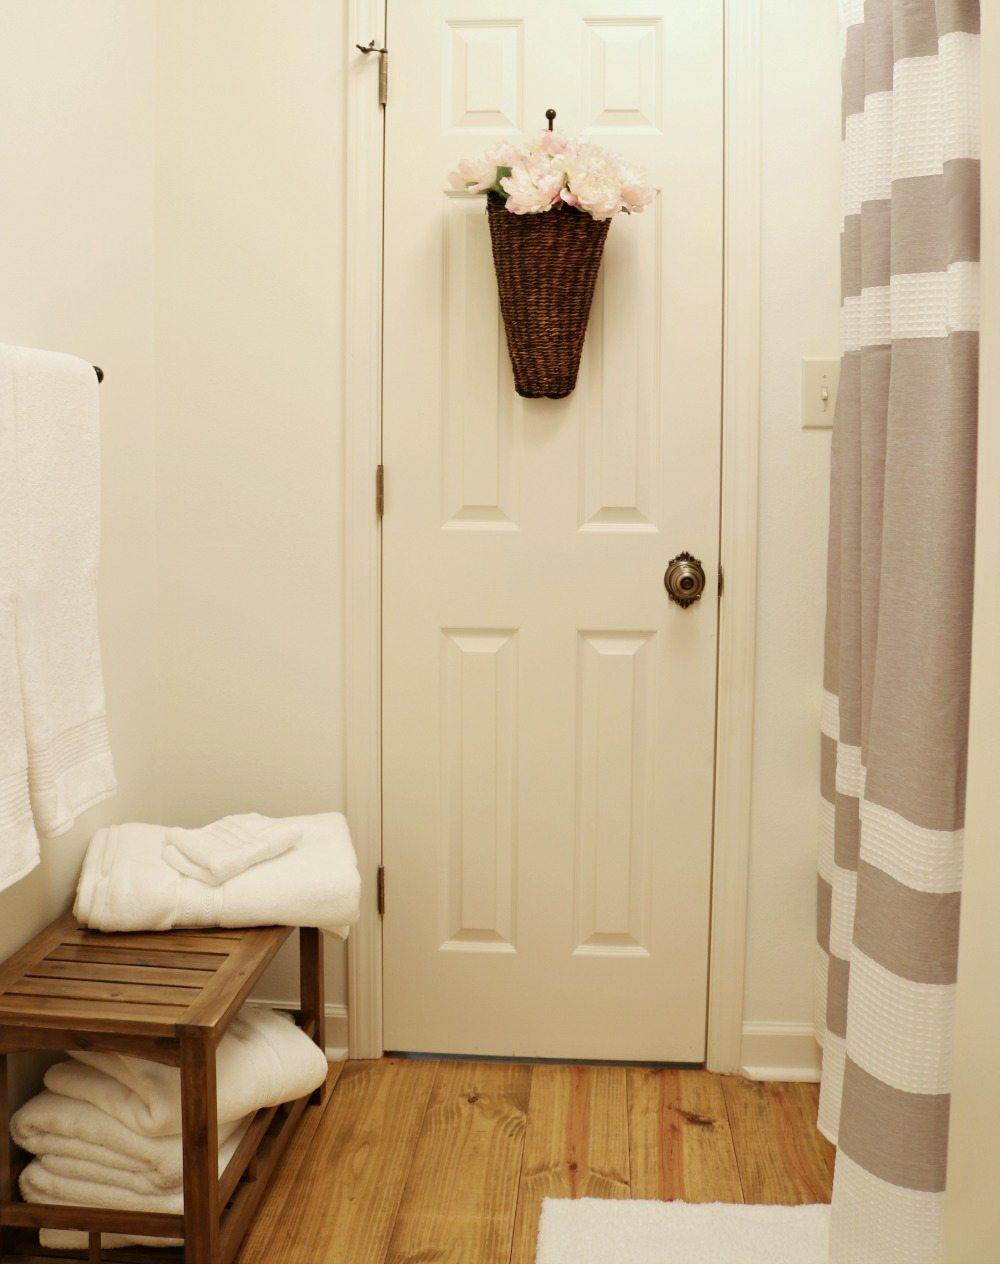 Pine floors in a simple farmhouse bathroom